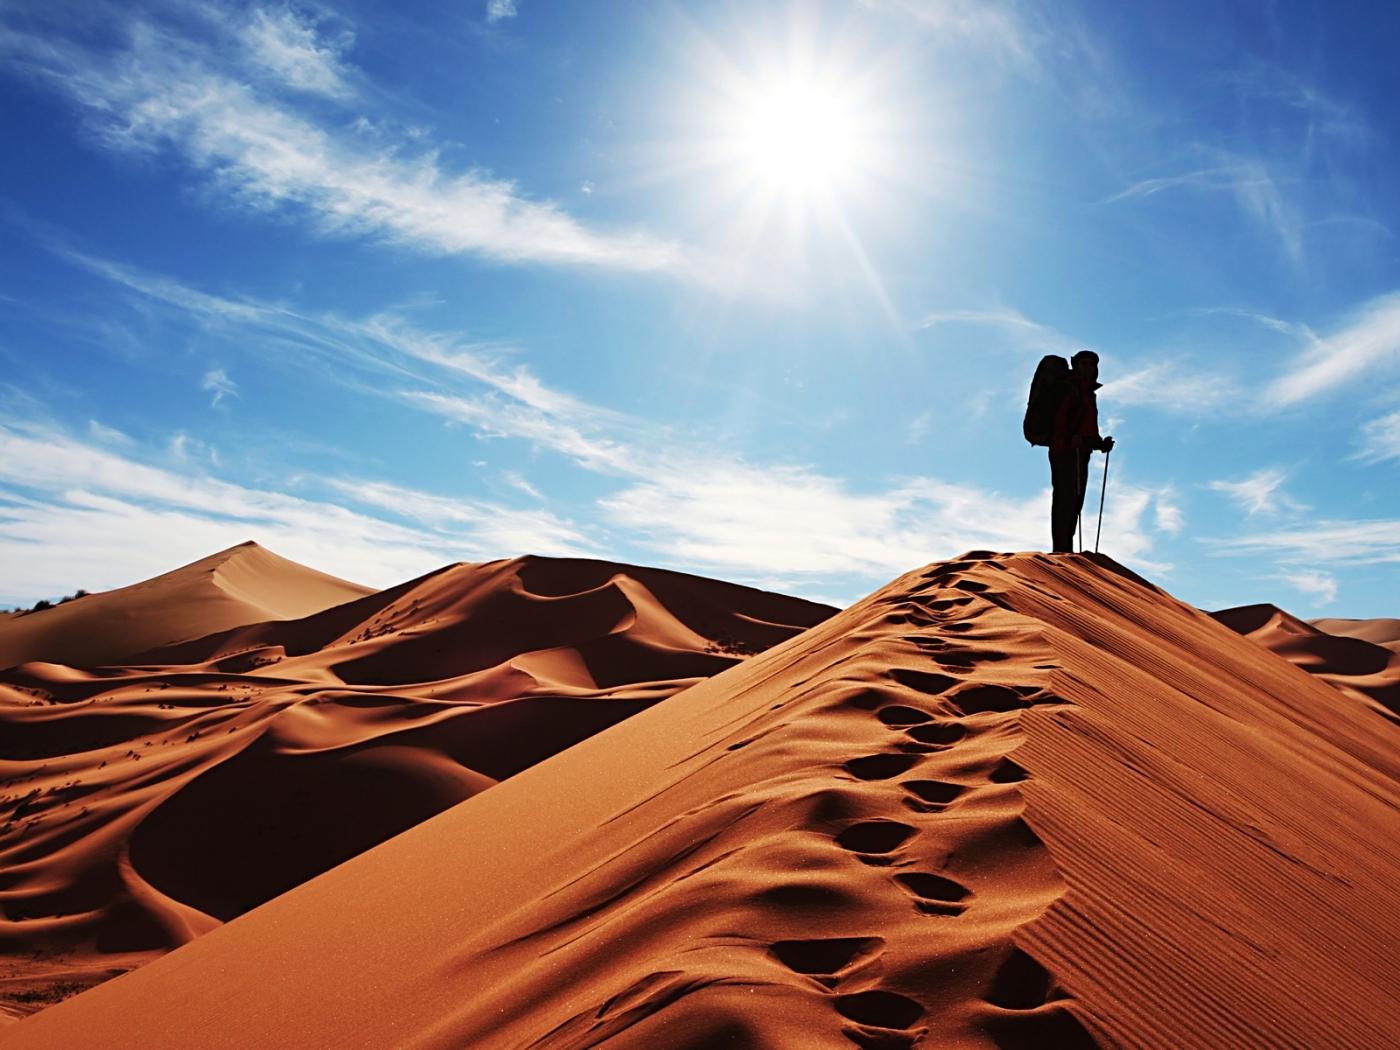 Скачать картинку Пейзаж, Люди, Пустыня в телефон бесплатно.